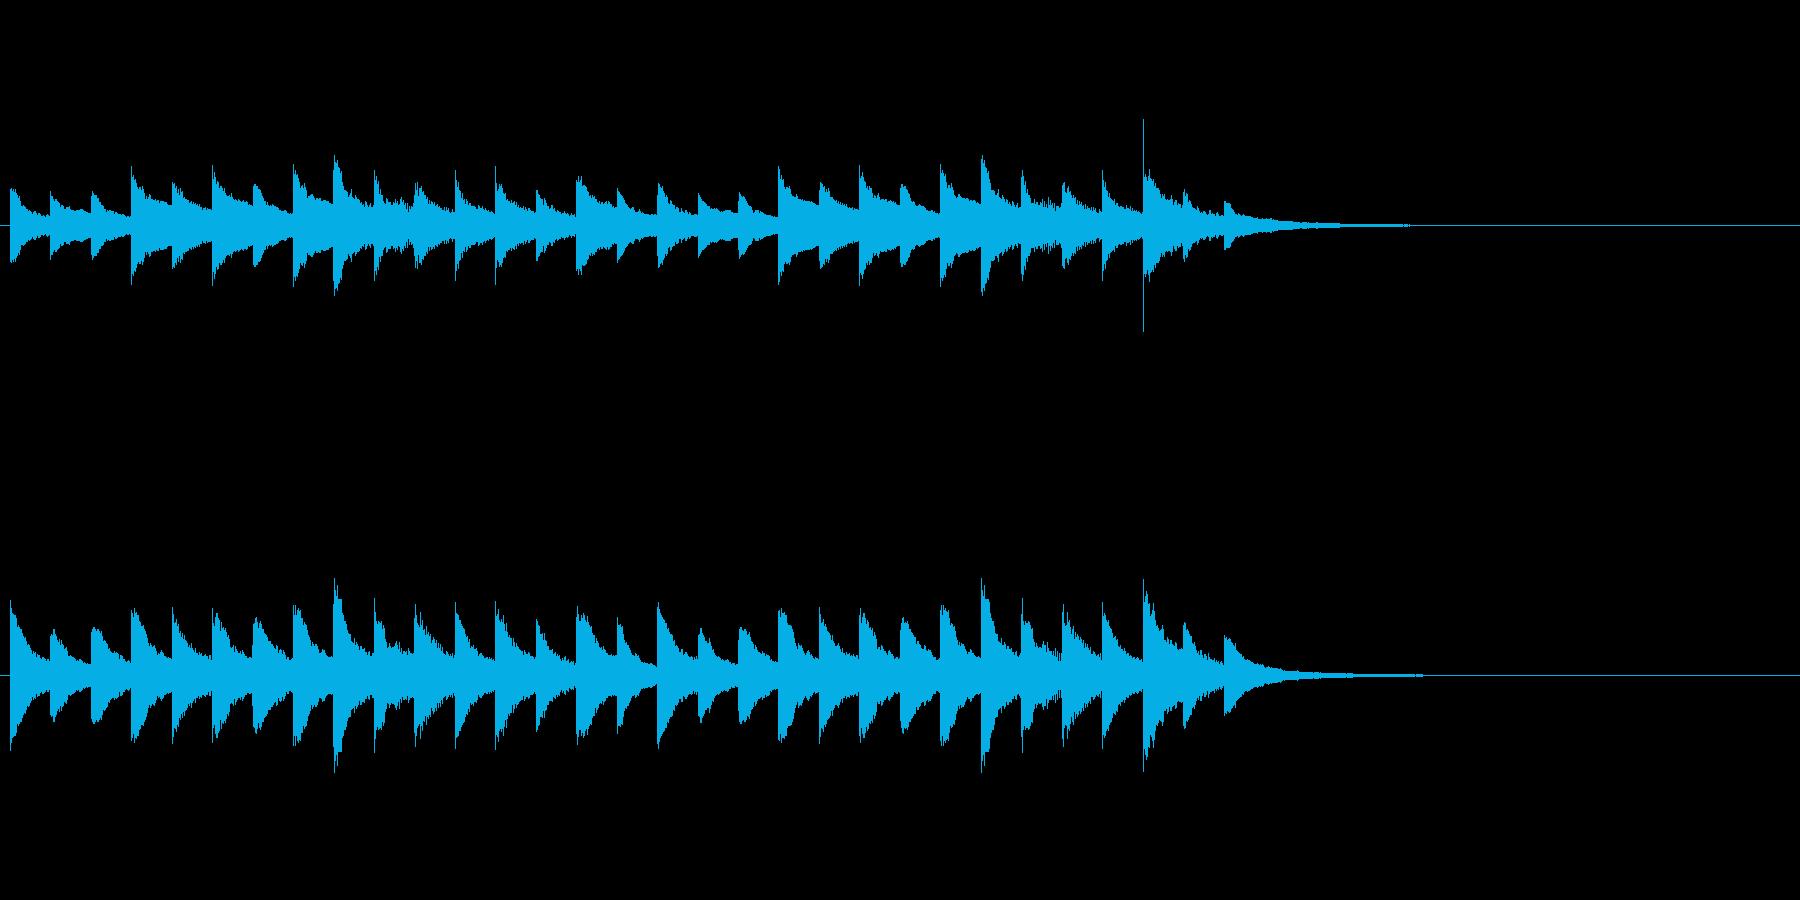 オルゴールの合図音、お知らせ、着信音の再生済みの波形